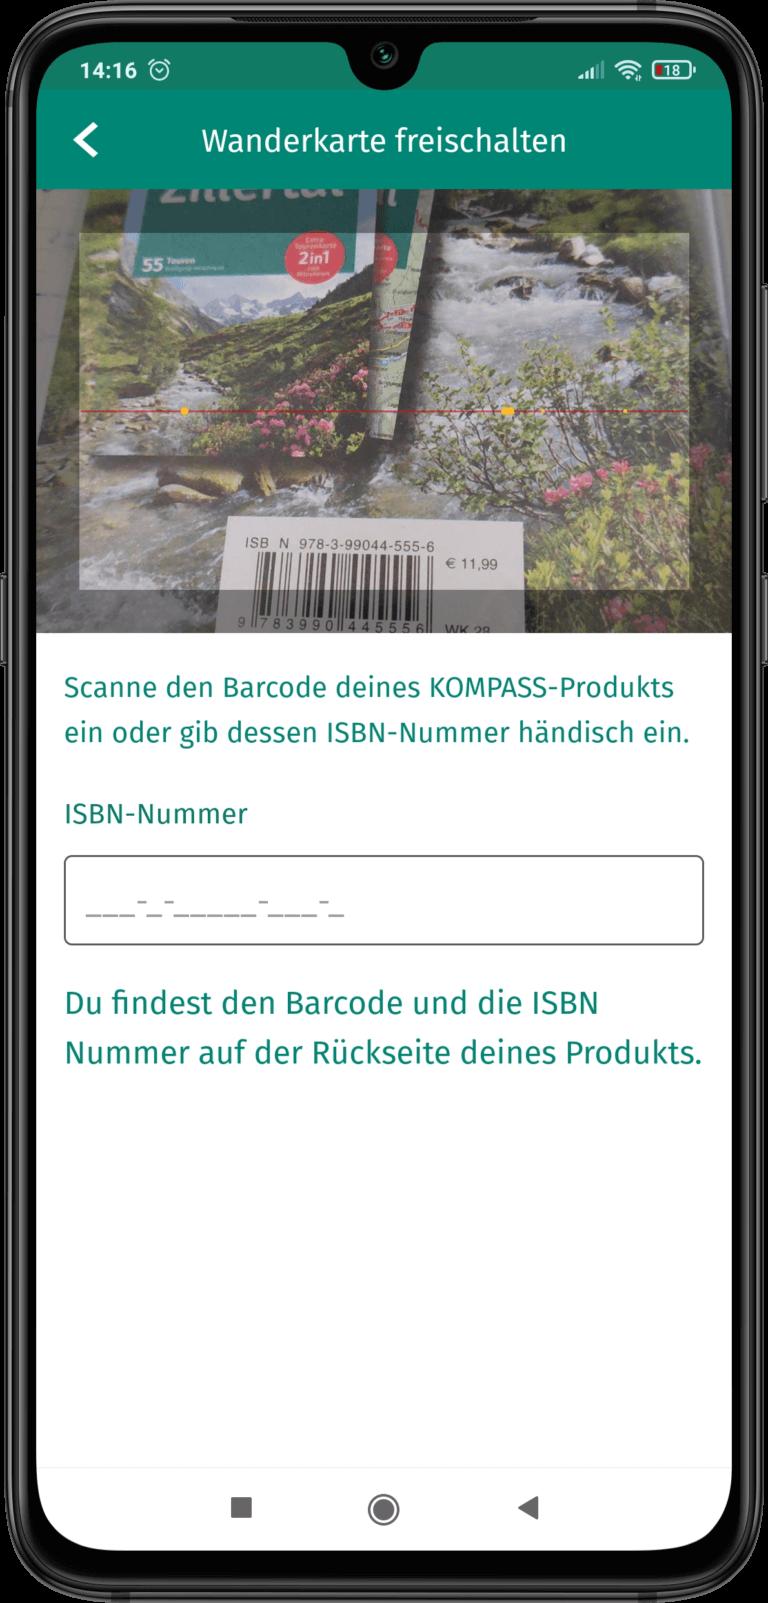 App Screenshot - Wanderkarte freischalten in der App